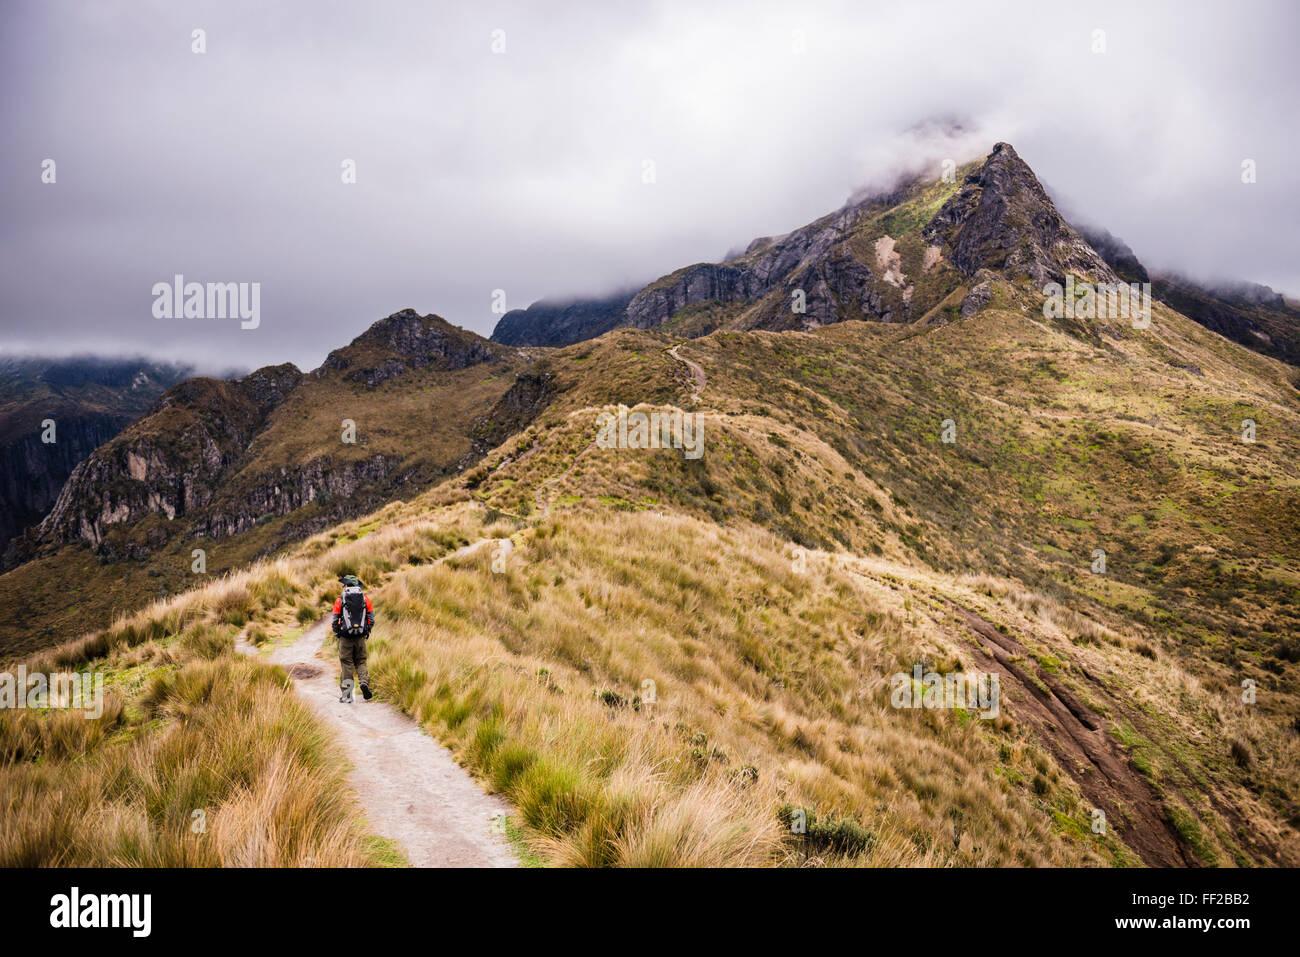 VoRMcano Rucu Pichincha randonnée randonneur, Quito, Pichincha Province, l'Équateur, en Amérique Photo Stock